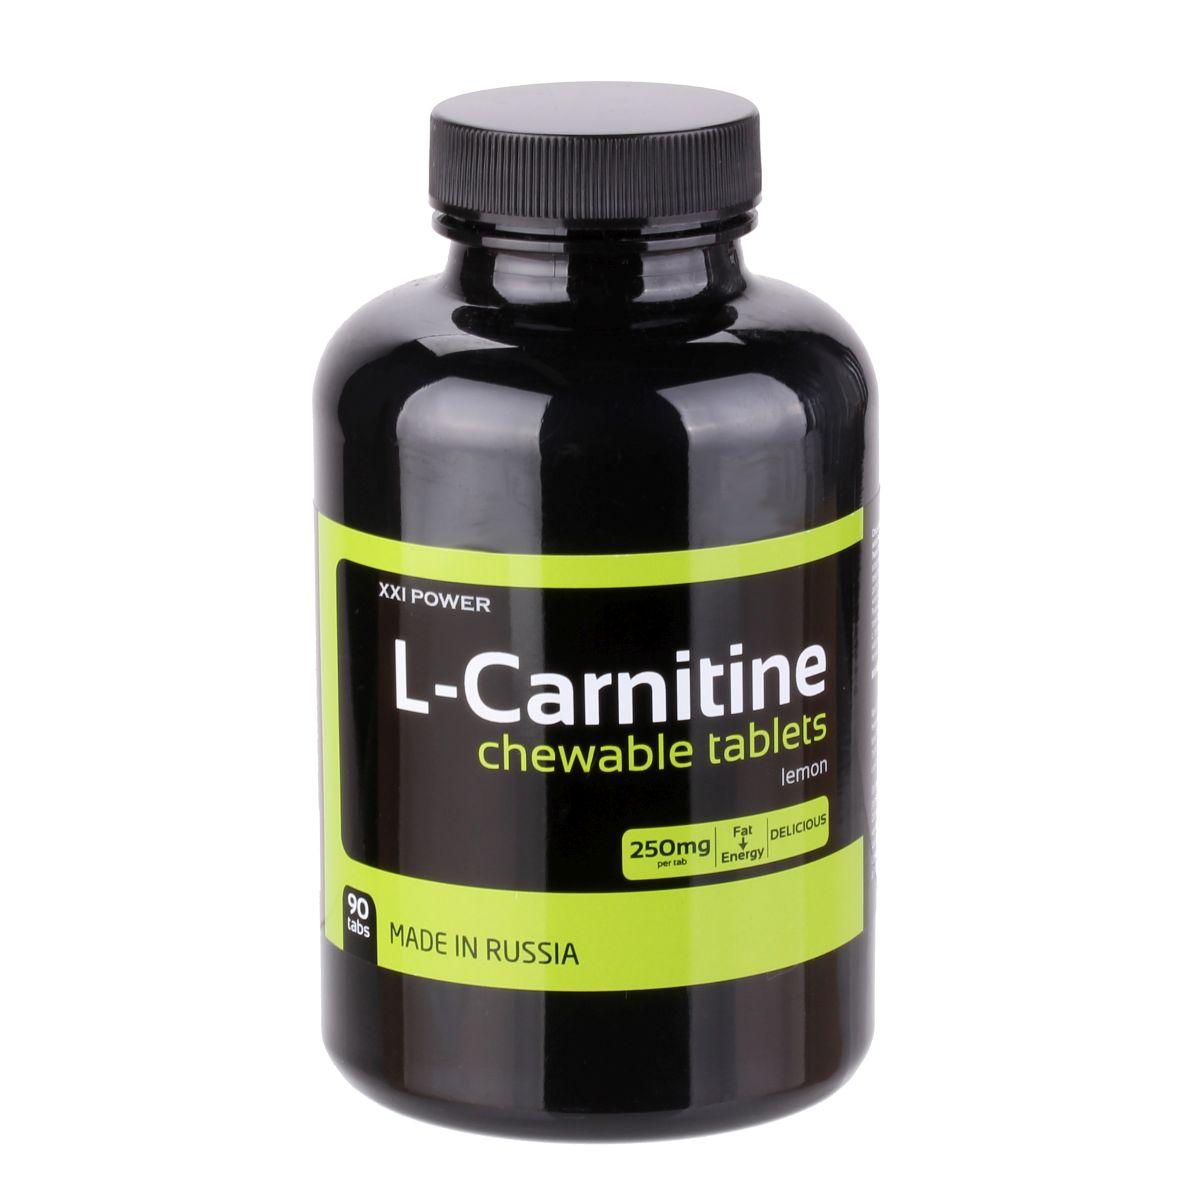 Жевательные таблетки ХХI Power L-карнитин, цитрус, 90 таблеток4607062758014Это великолепные жевательные таблетки с L-карнитином, который, как известно, эффективно преобразует жир в энергию и оптимизирует обмен веществ. Наибольший эффект достигается в сочетании с регулярной физической нагрузкой и низкожировой, высокобелковой диетой. Содержание питательных веществ в порции (2 таблетки): L-карнитин - 500 мг.Как повысить эффективность тренировок с помощью спортивного питания? Статья OZON Гид